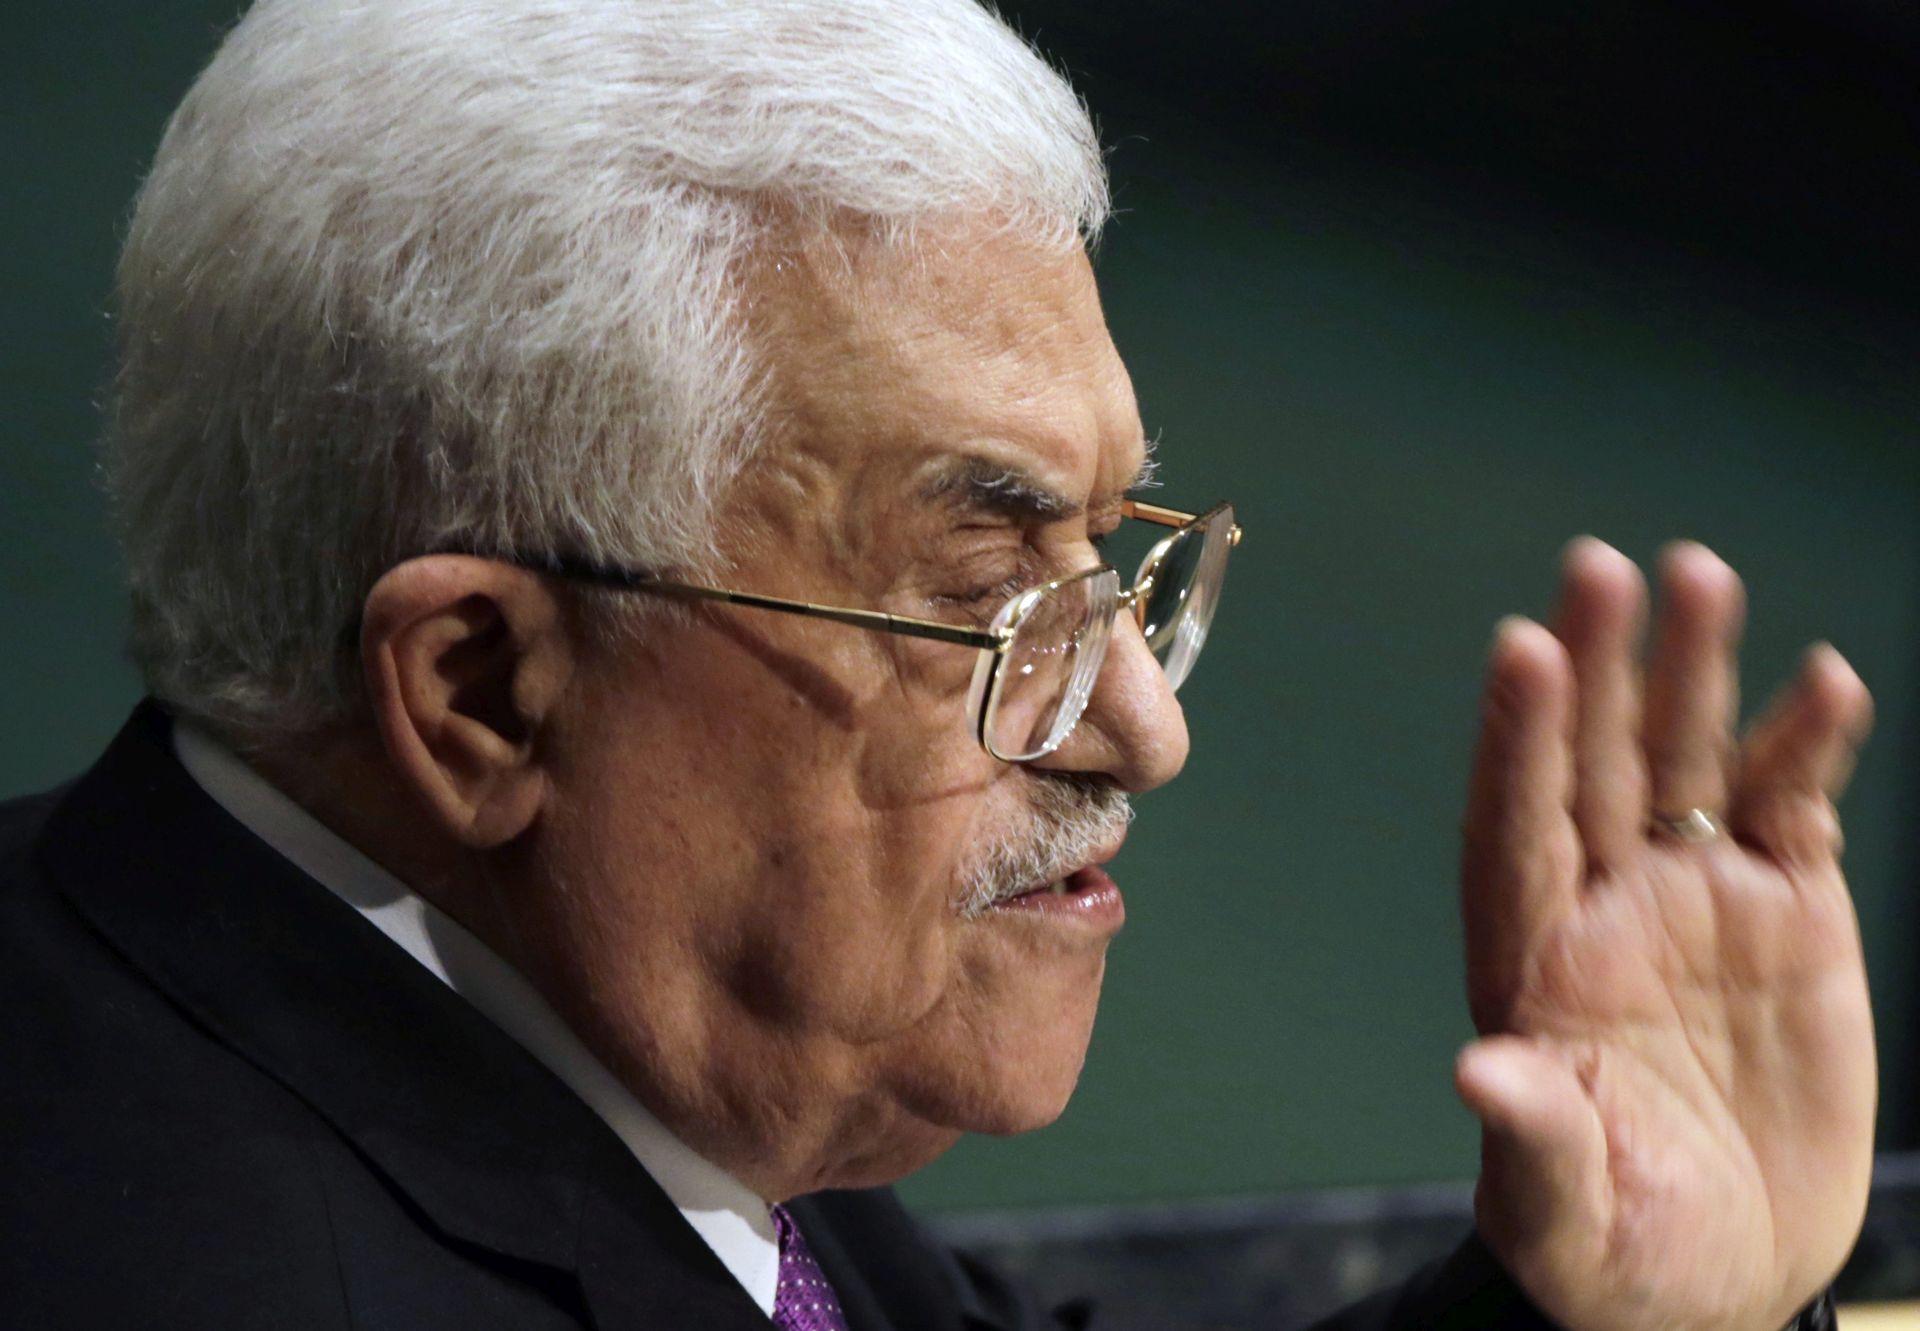 """ABBASOV GOVOR U UN-U """"Izrael mora u potpunosti preuzeti odgovornost kao okupirajuća sila"""""""